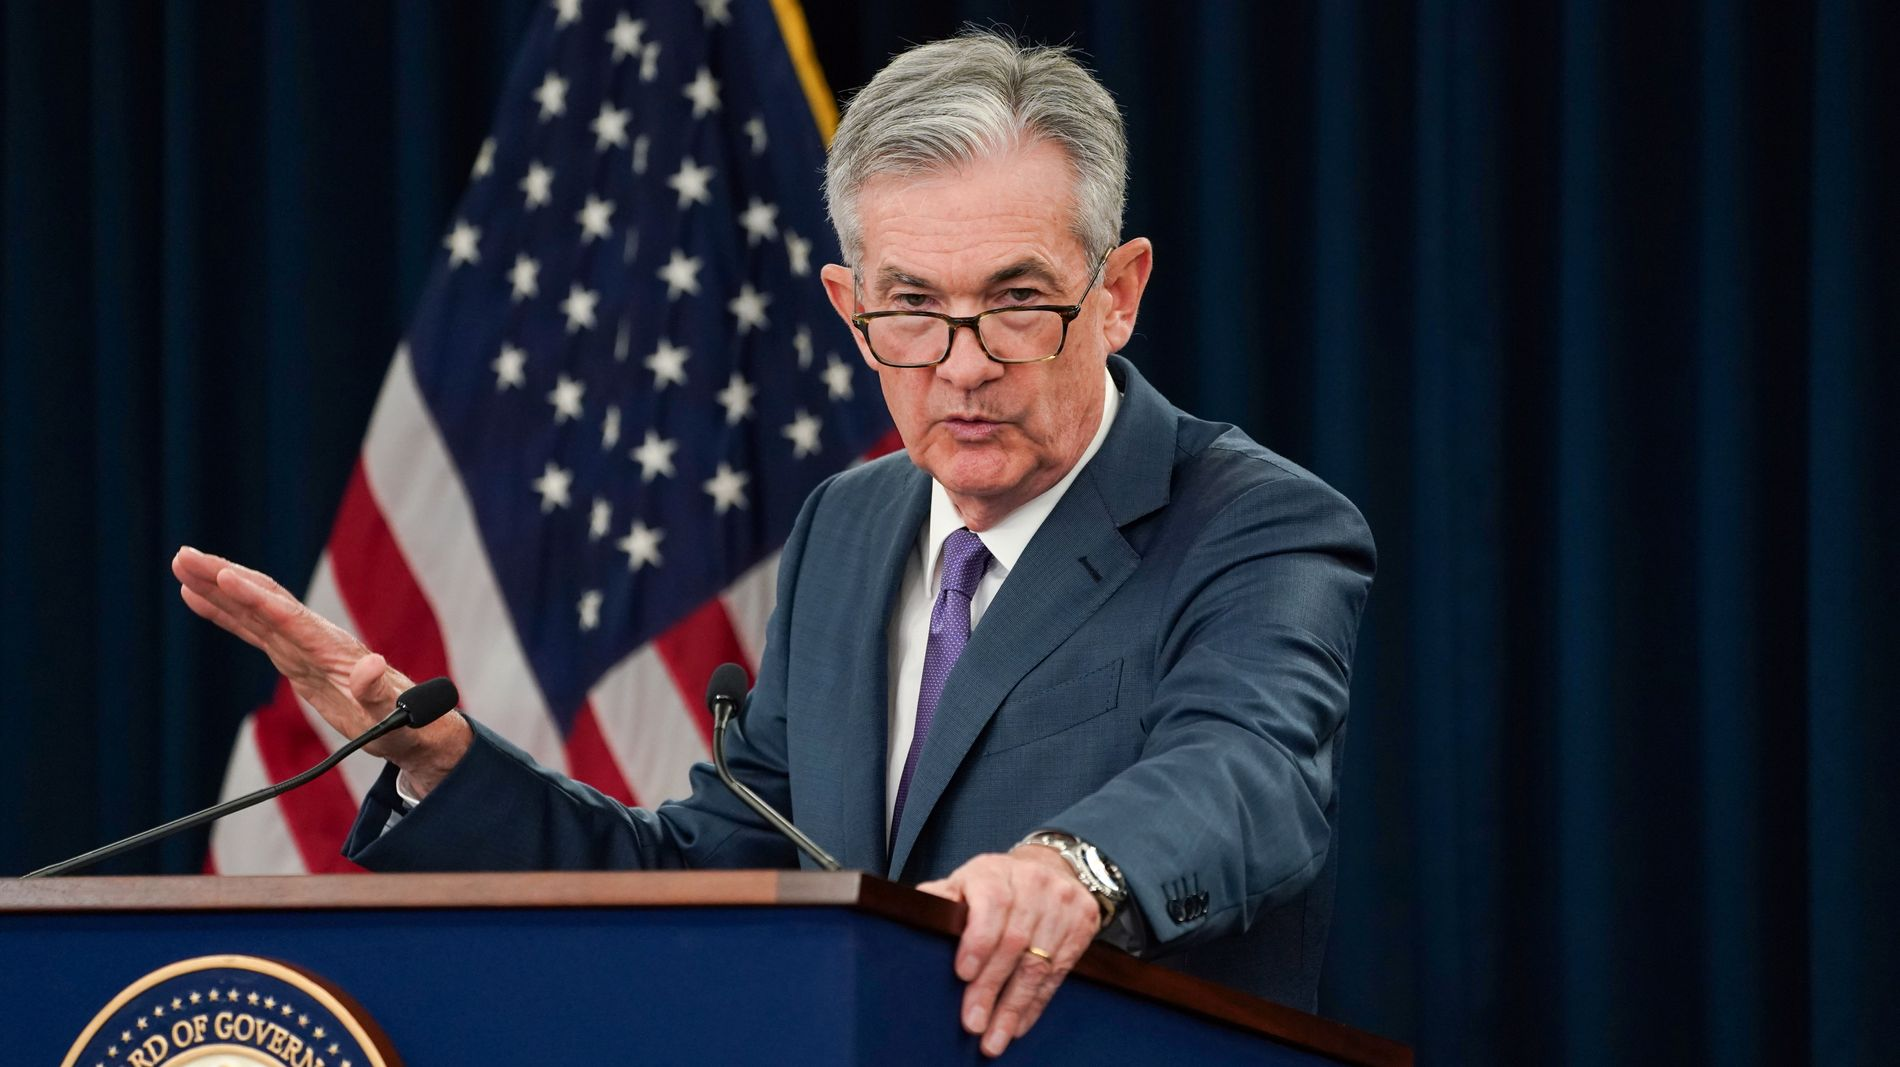 HAR SNUDD: Etter mange år med stigende rente, har den amerikanske sentralbanksjefen Jerome Powell den siste tiden hintet om opptil flere kutt.